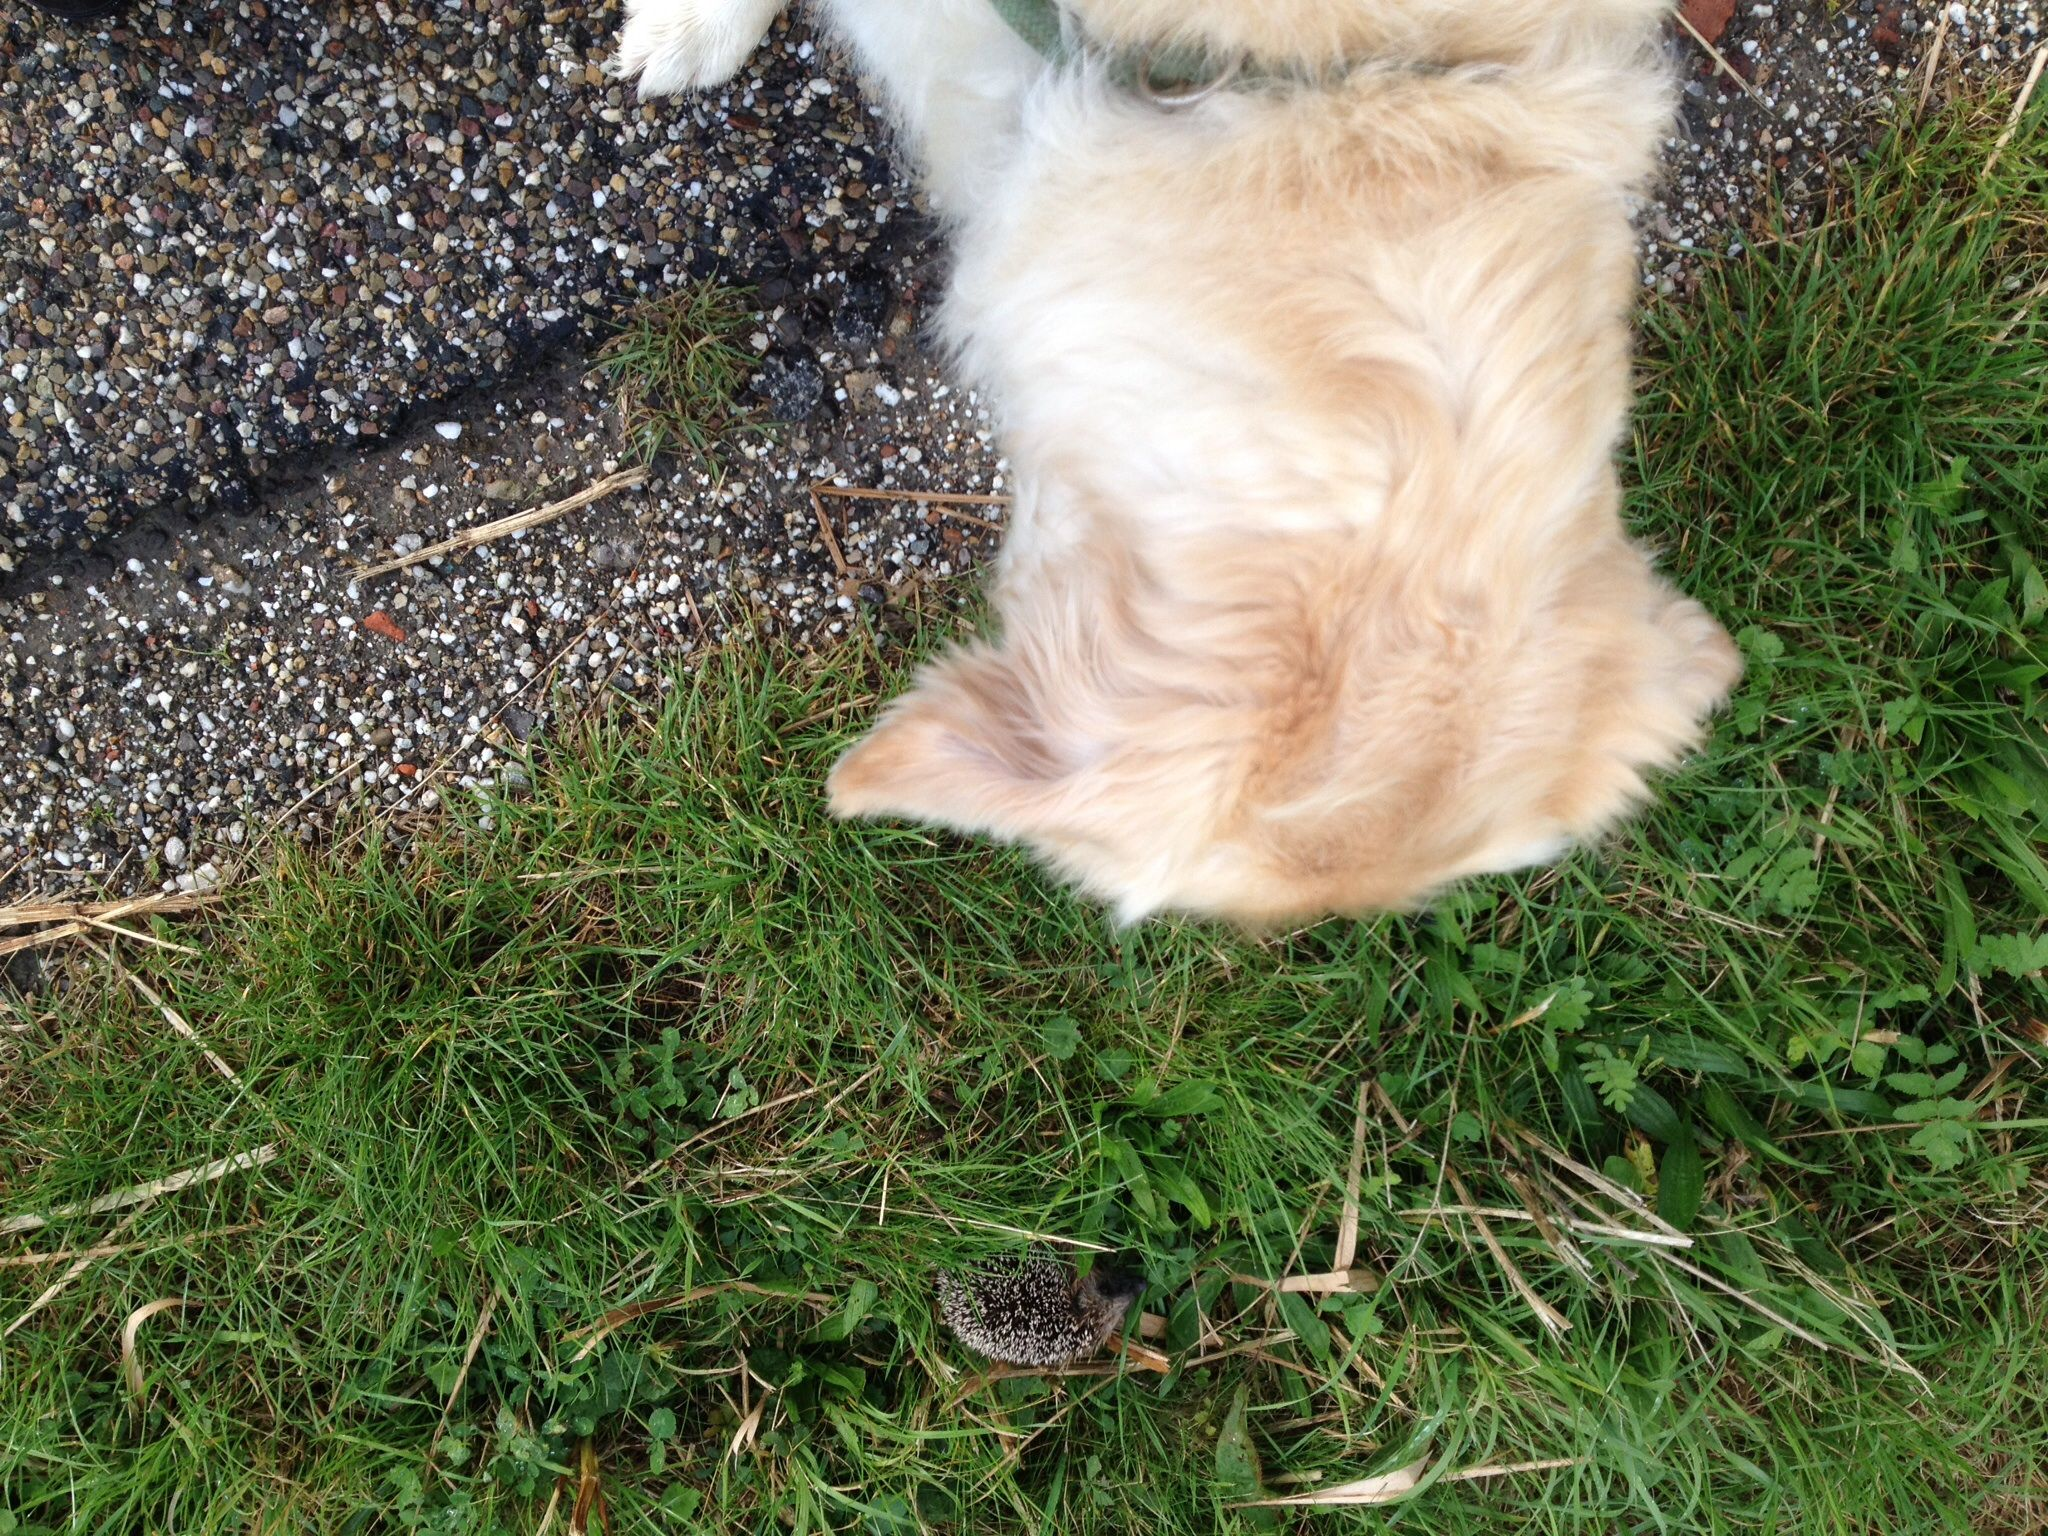 Wat Ollie vandaag in de berm ontdekt, heeft hij blijkbaar nog nooit gezien. Een egel. Eerst blijft hij stokstijf staan om daarna een ruk aan de riem te geven om aan dat vreemde beest te kunnen snuffelen. Het egeltje rolt zich op en zet zijn stekels op. Ollie piept en springt achteruit. Heb nog nooit een hond zo zien schrikken.